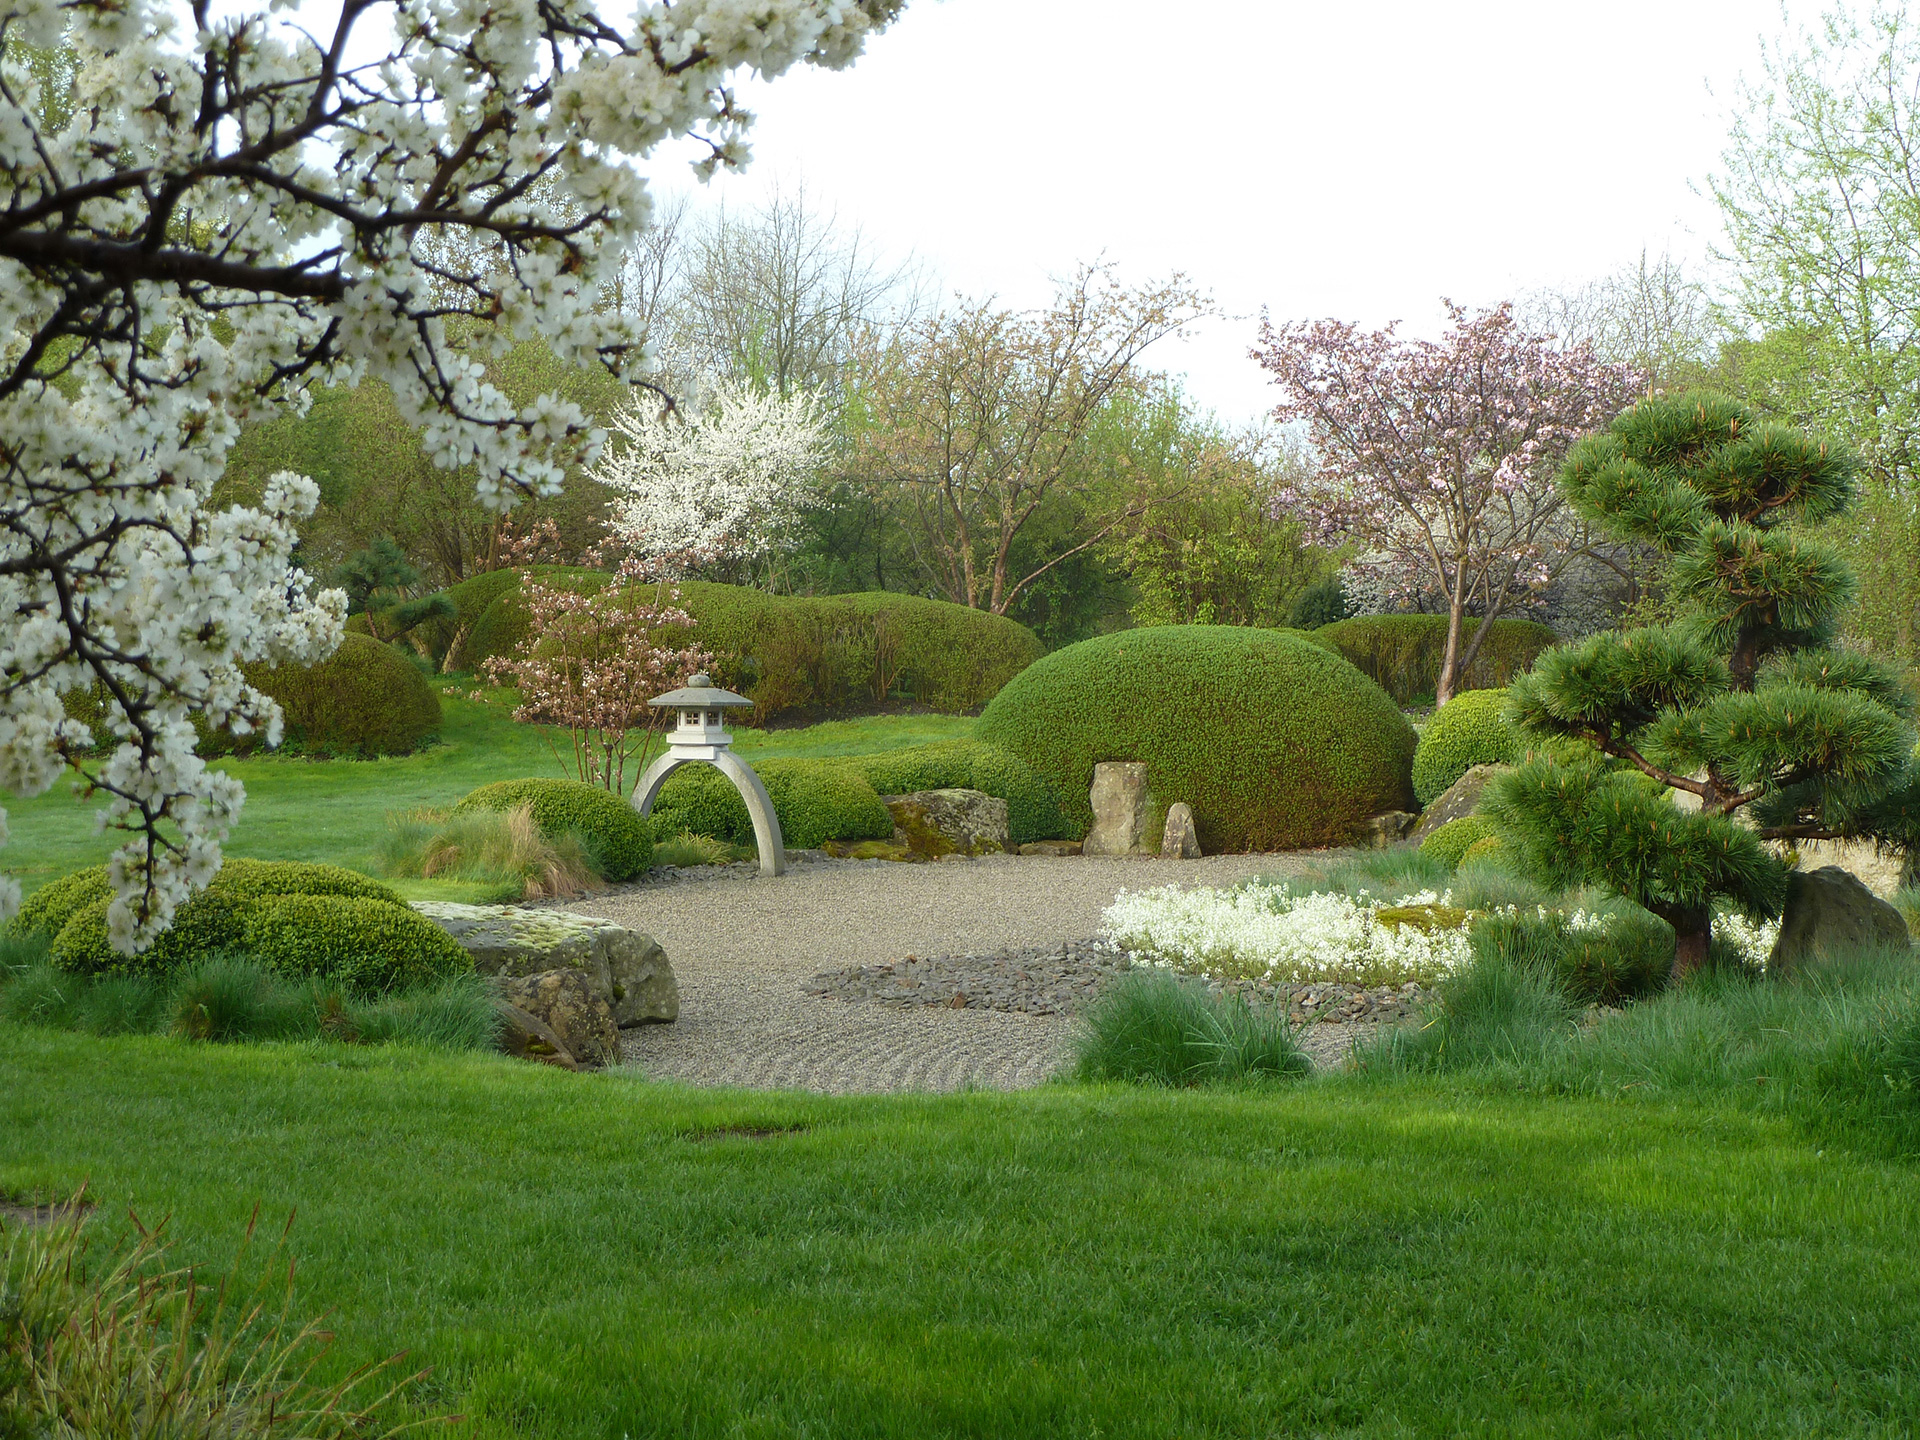 Lieblings ROJI Japanische Gärten | Roji japanische Gärten, japanischer @GT_88